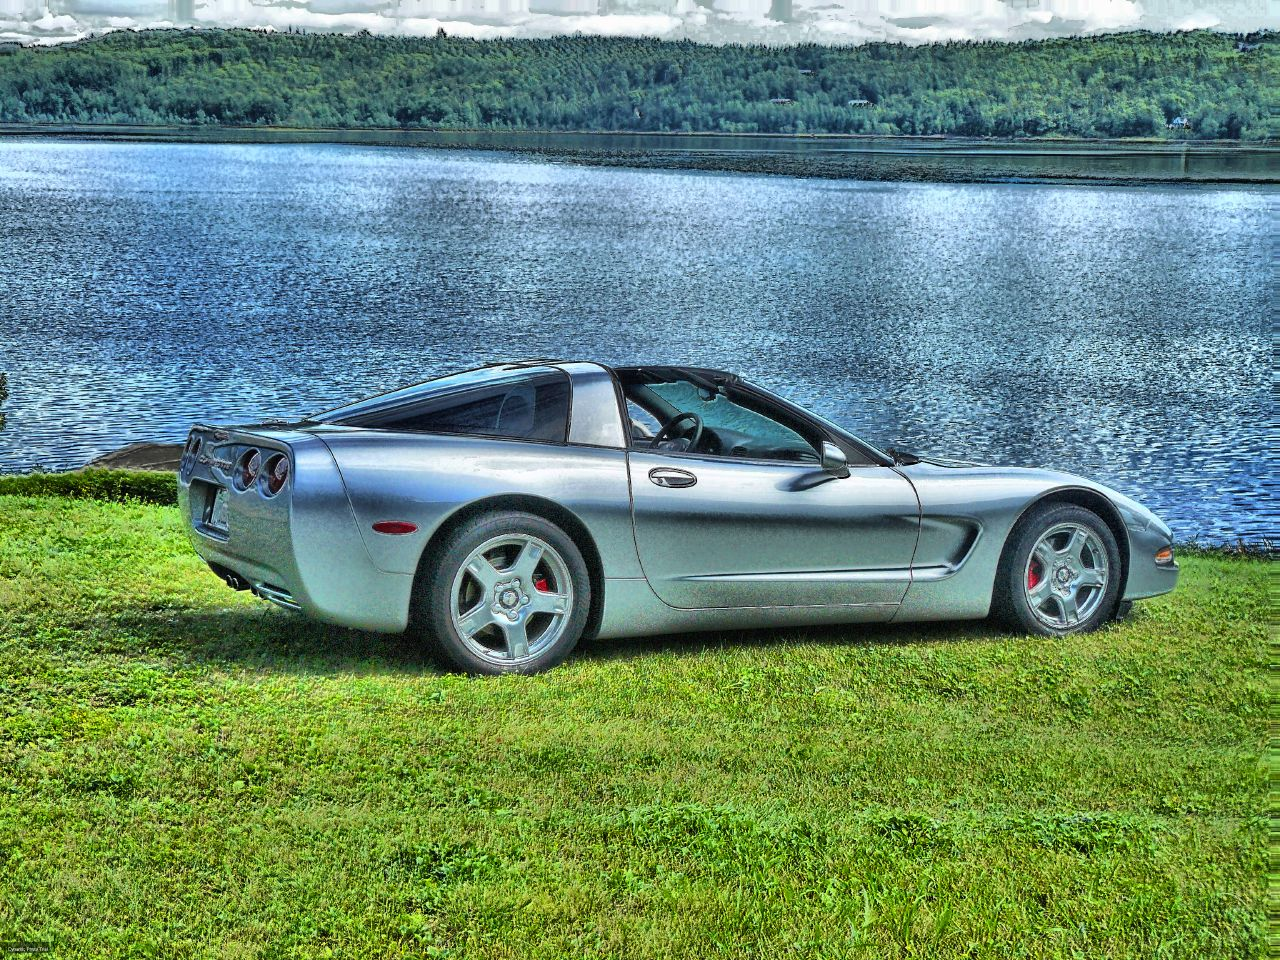 Tom's Corvette in HDR at Bob's